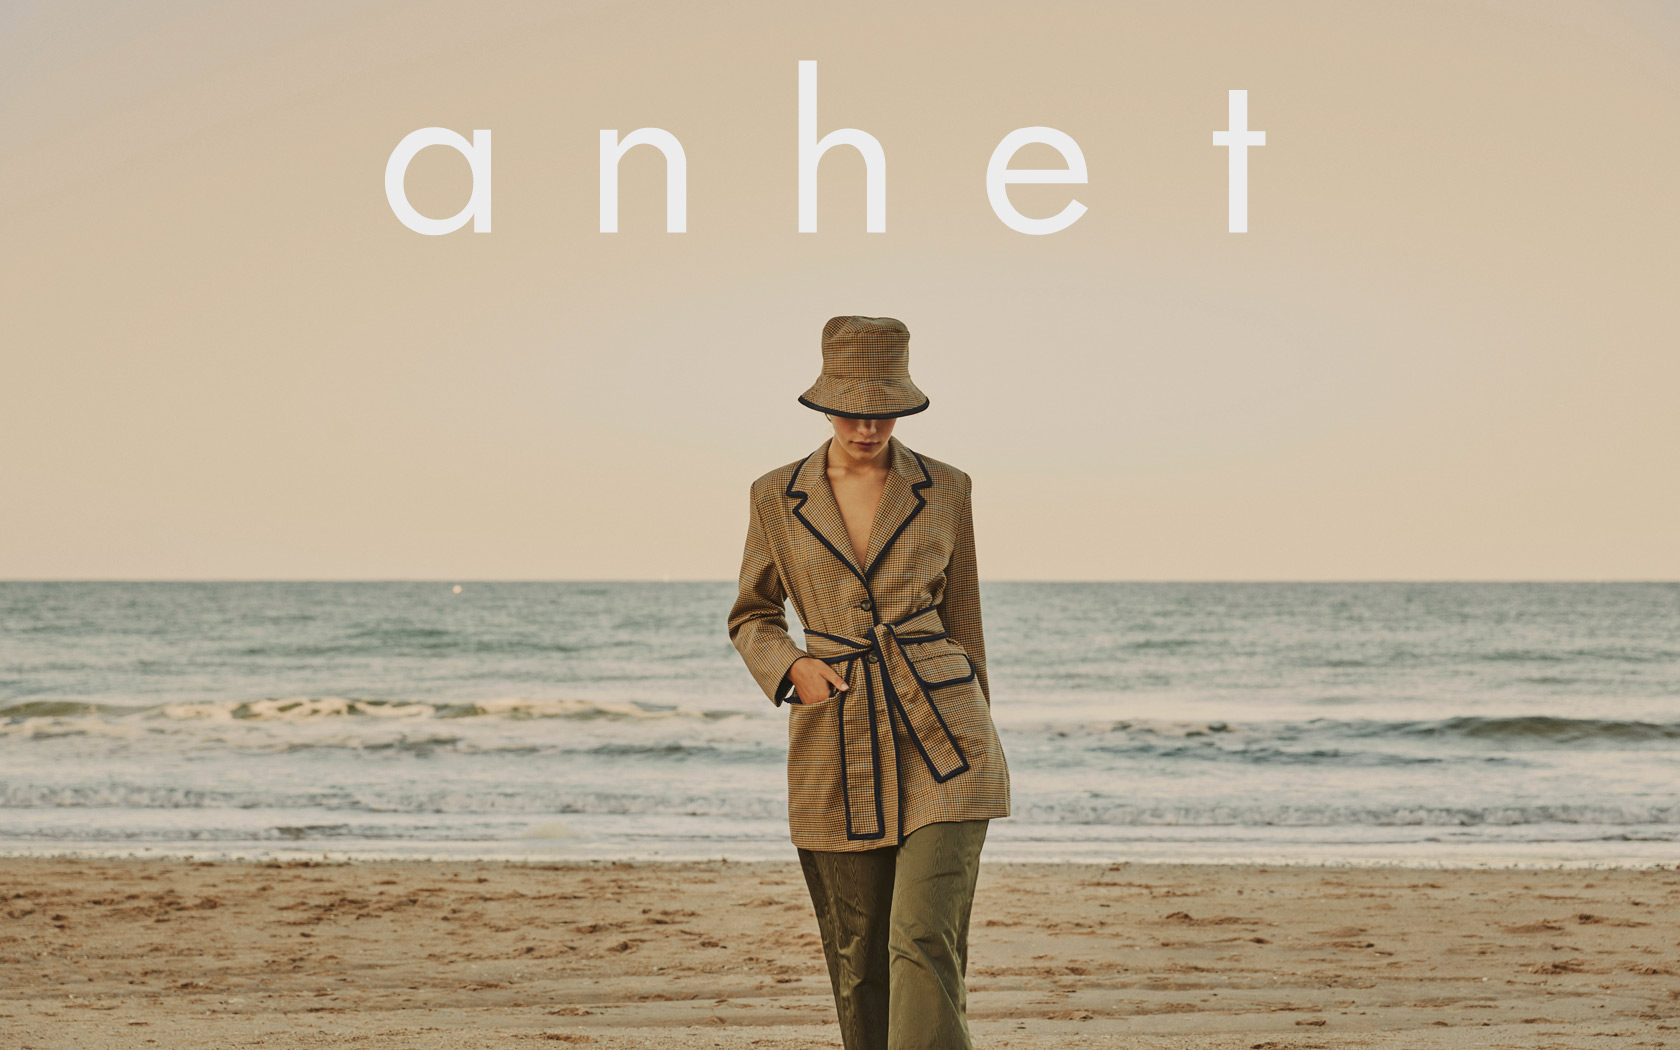 Anhet, productos diseñados y fabricados en Cádiz